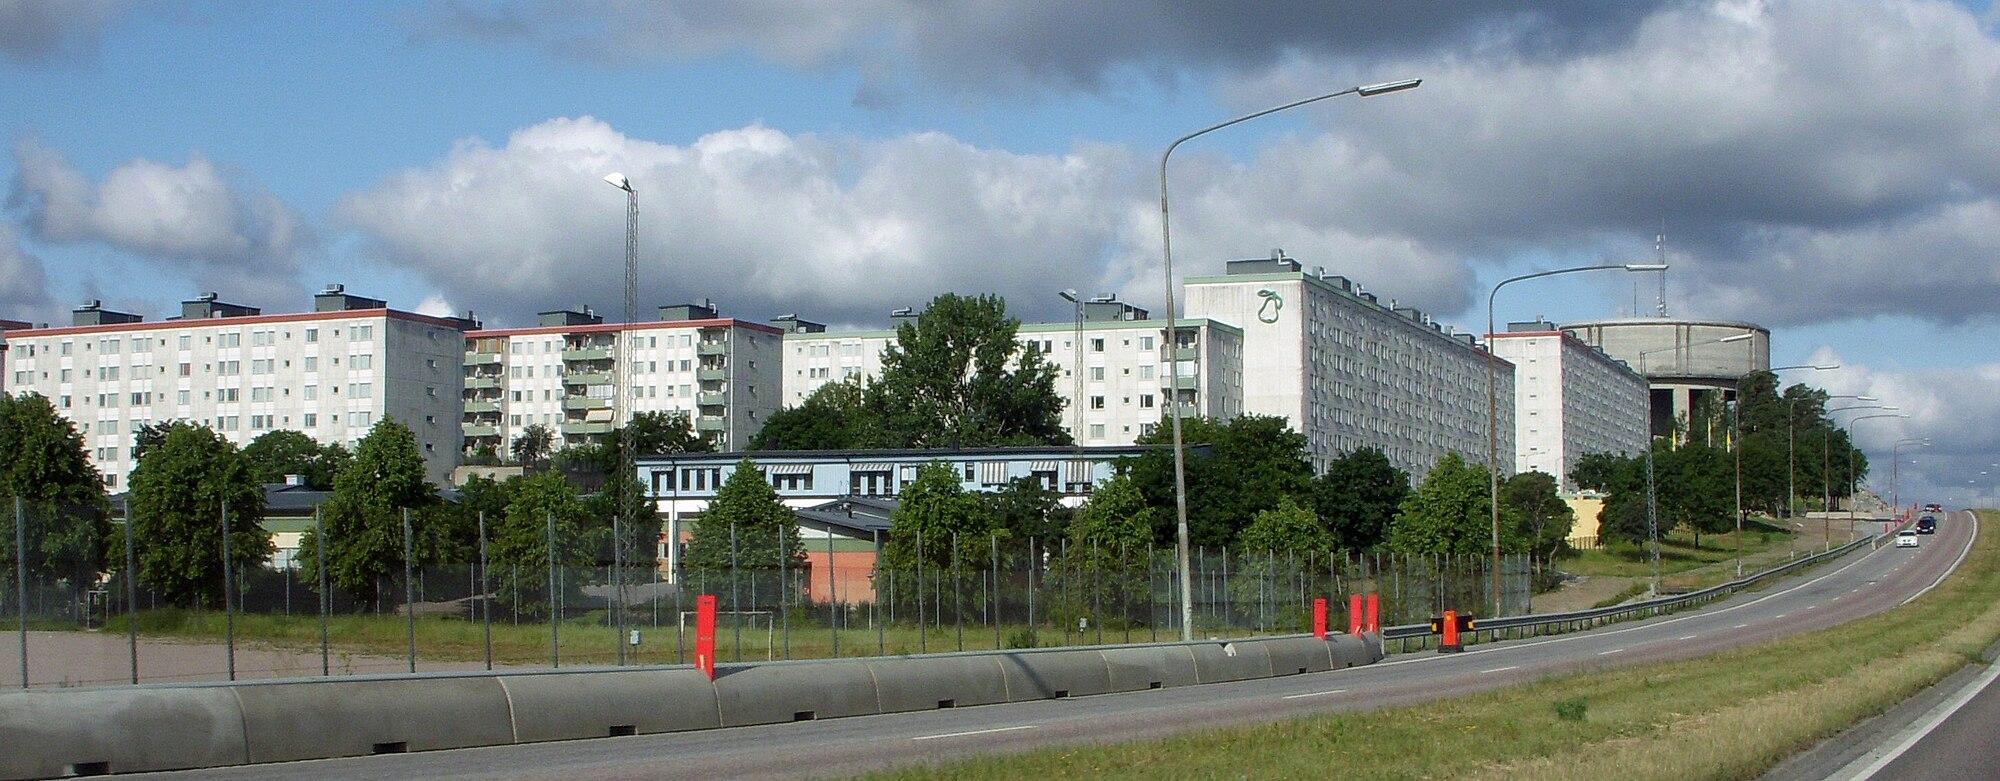 Eskorter I Halland Ktung Escort Spnga-Tensta - knull Uppsala